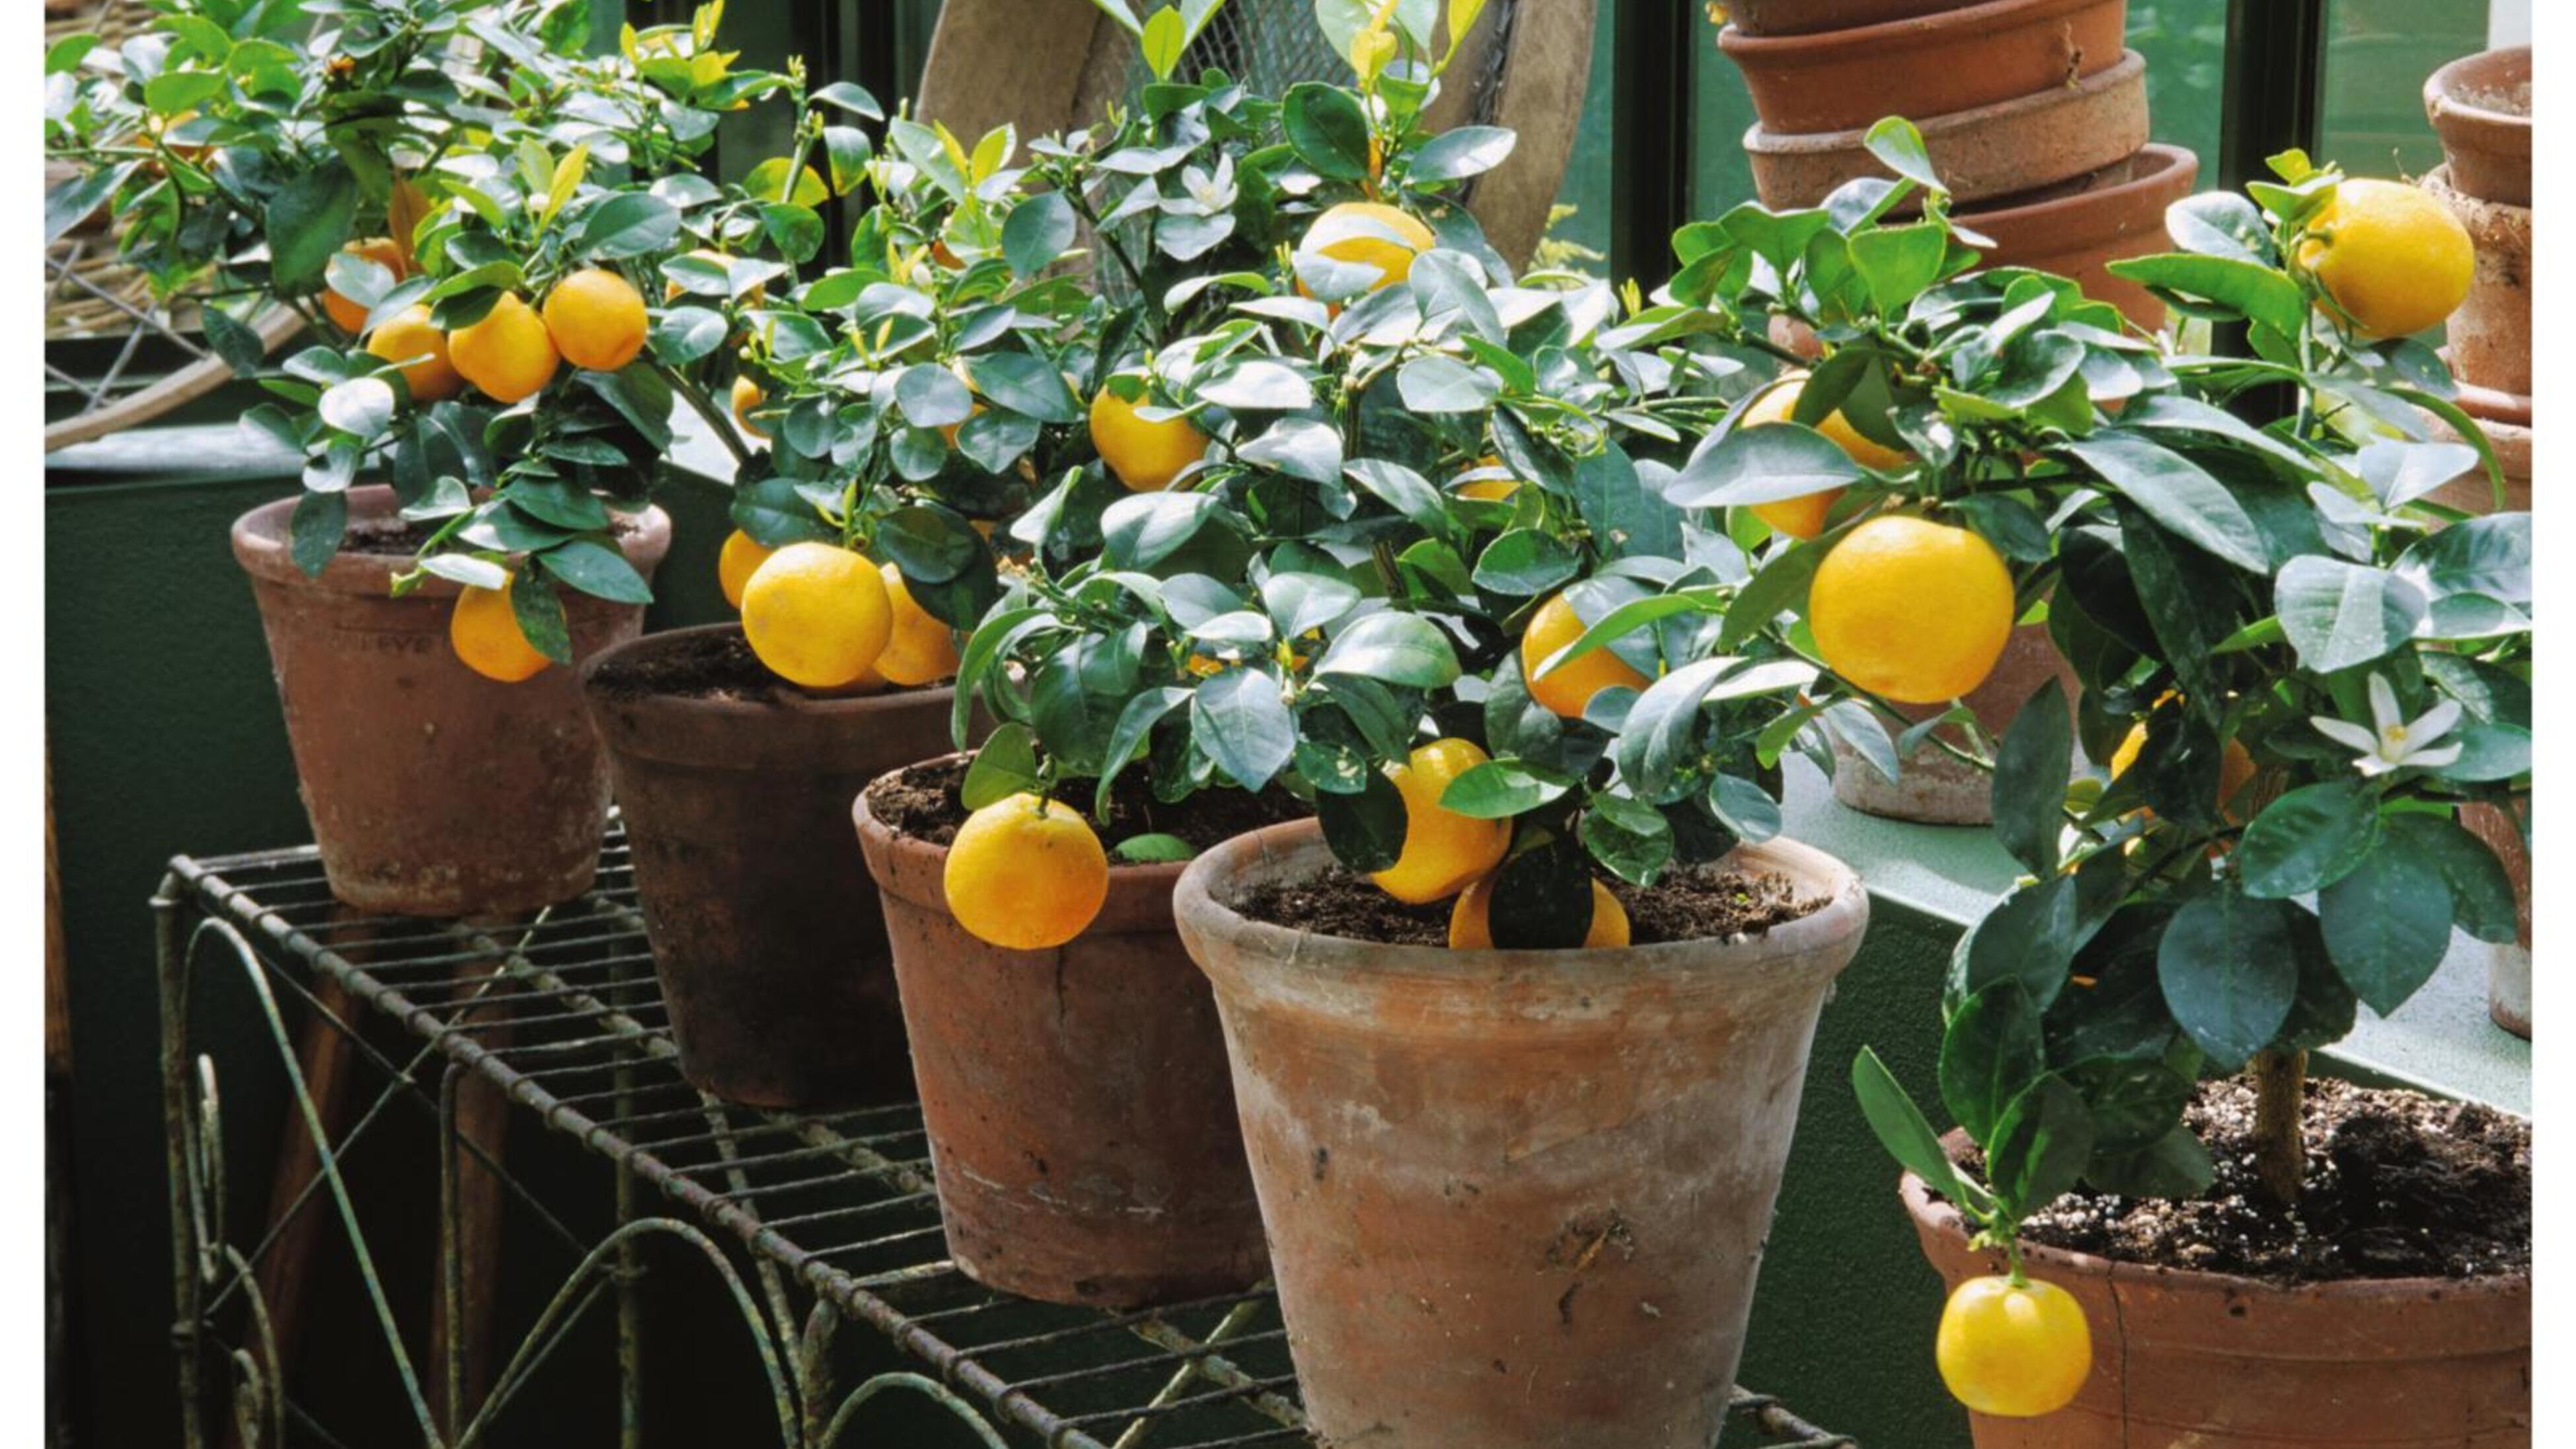 Lemon trees in pots.